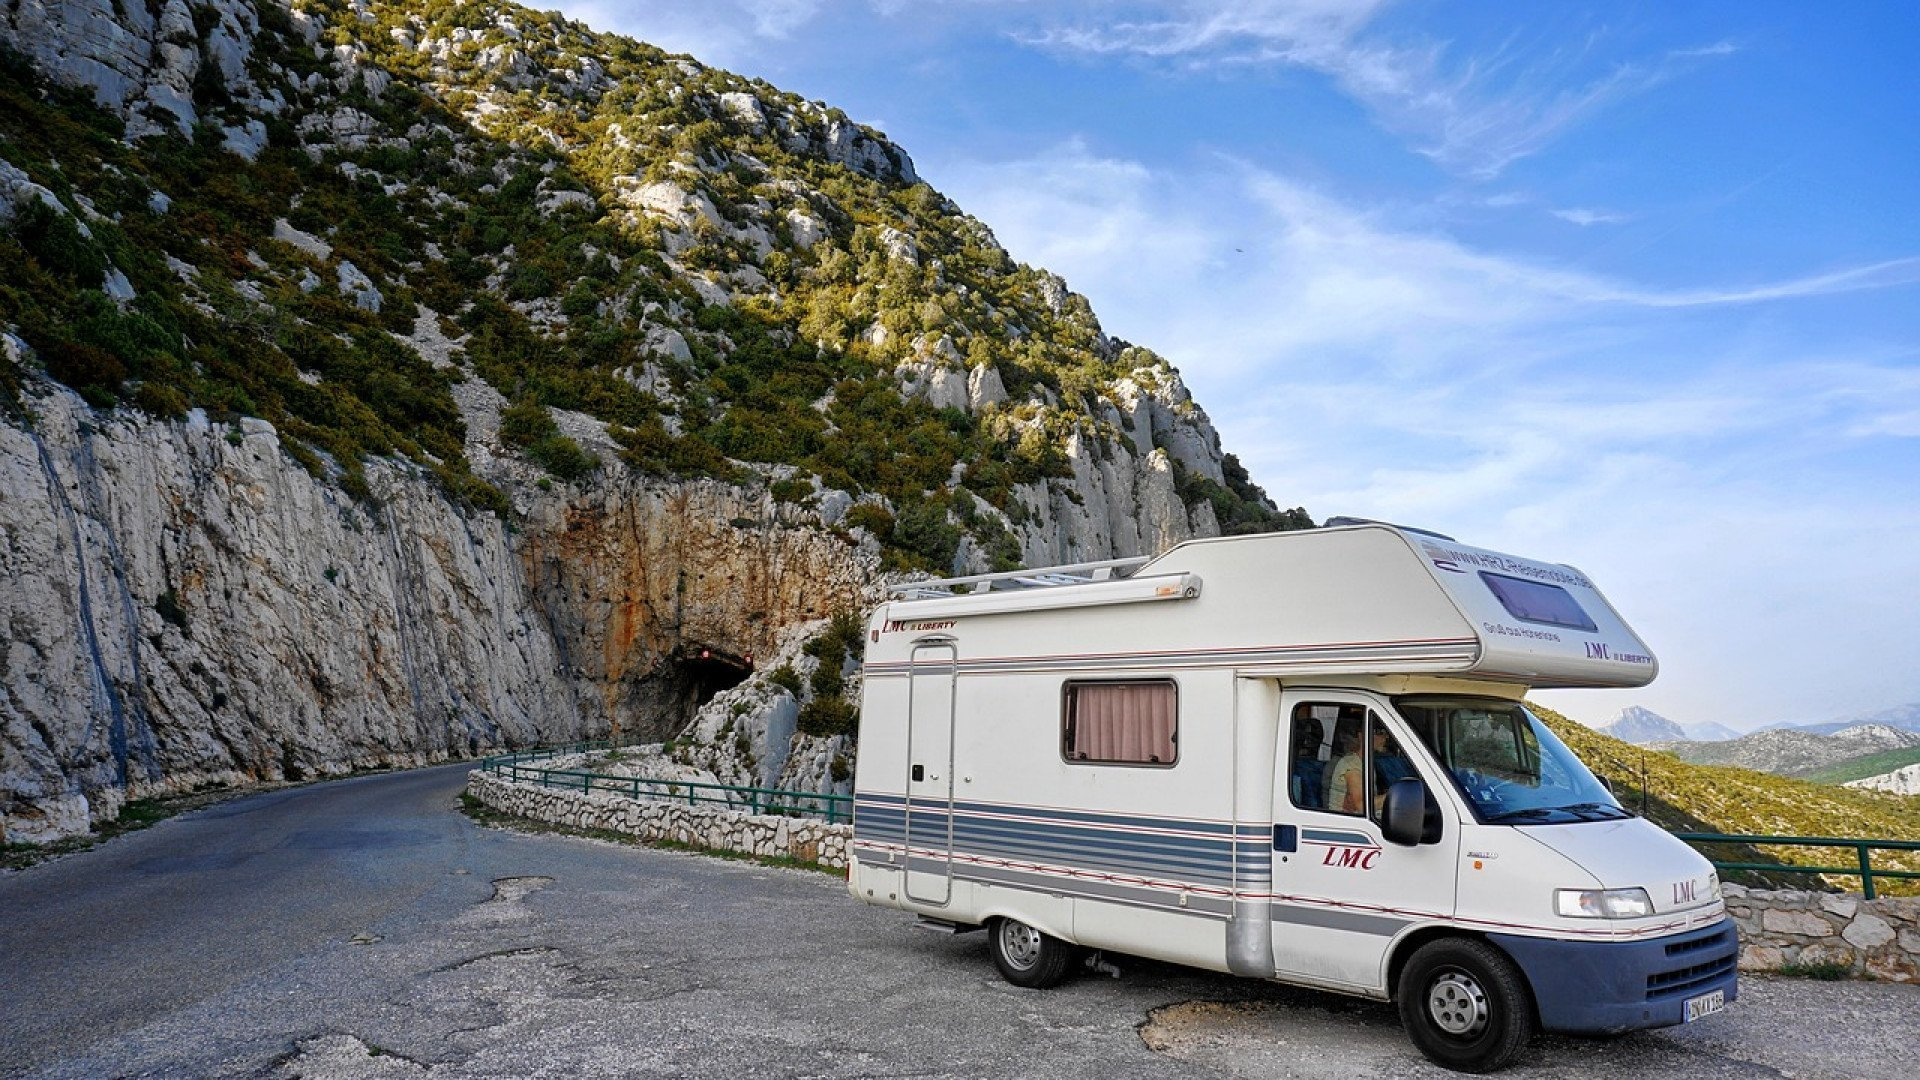 Vacances au camping, comment les préparer intelligemment ? 1